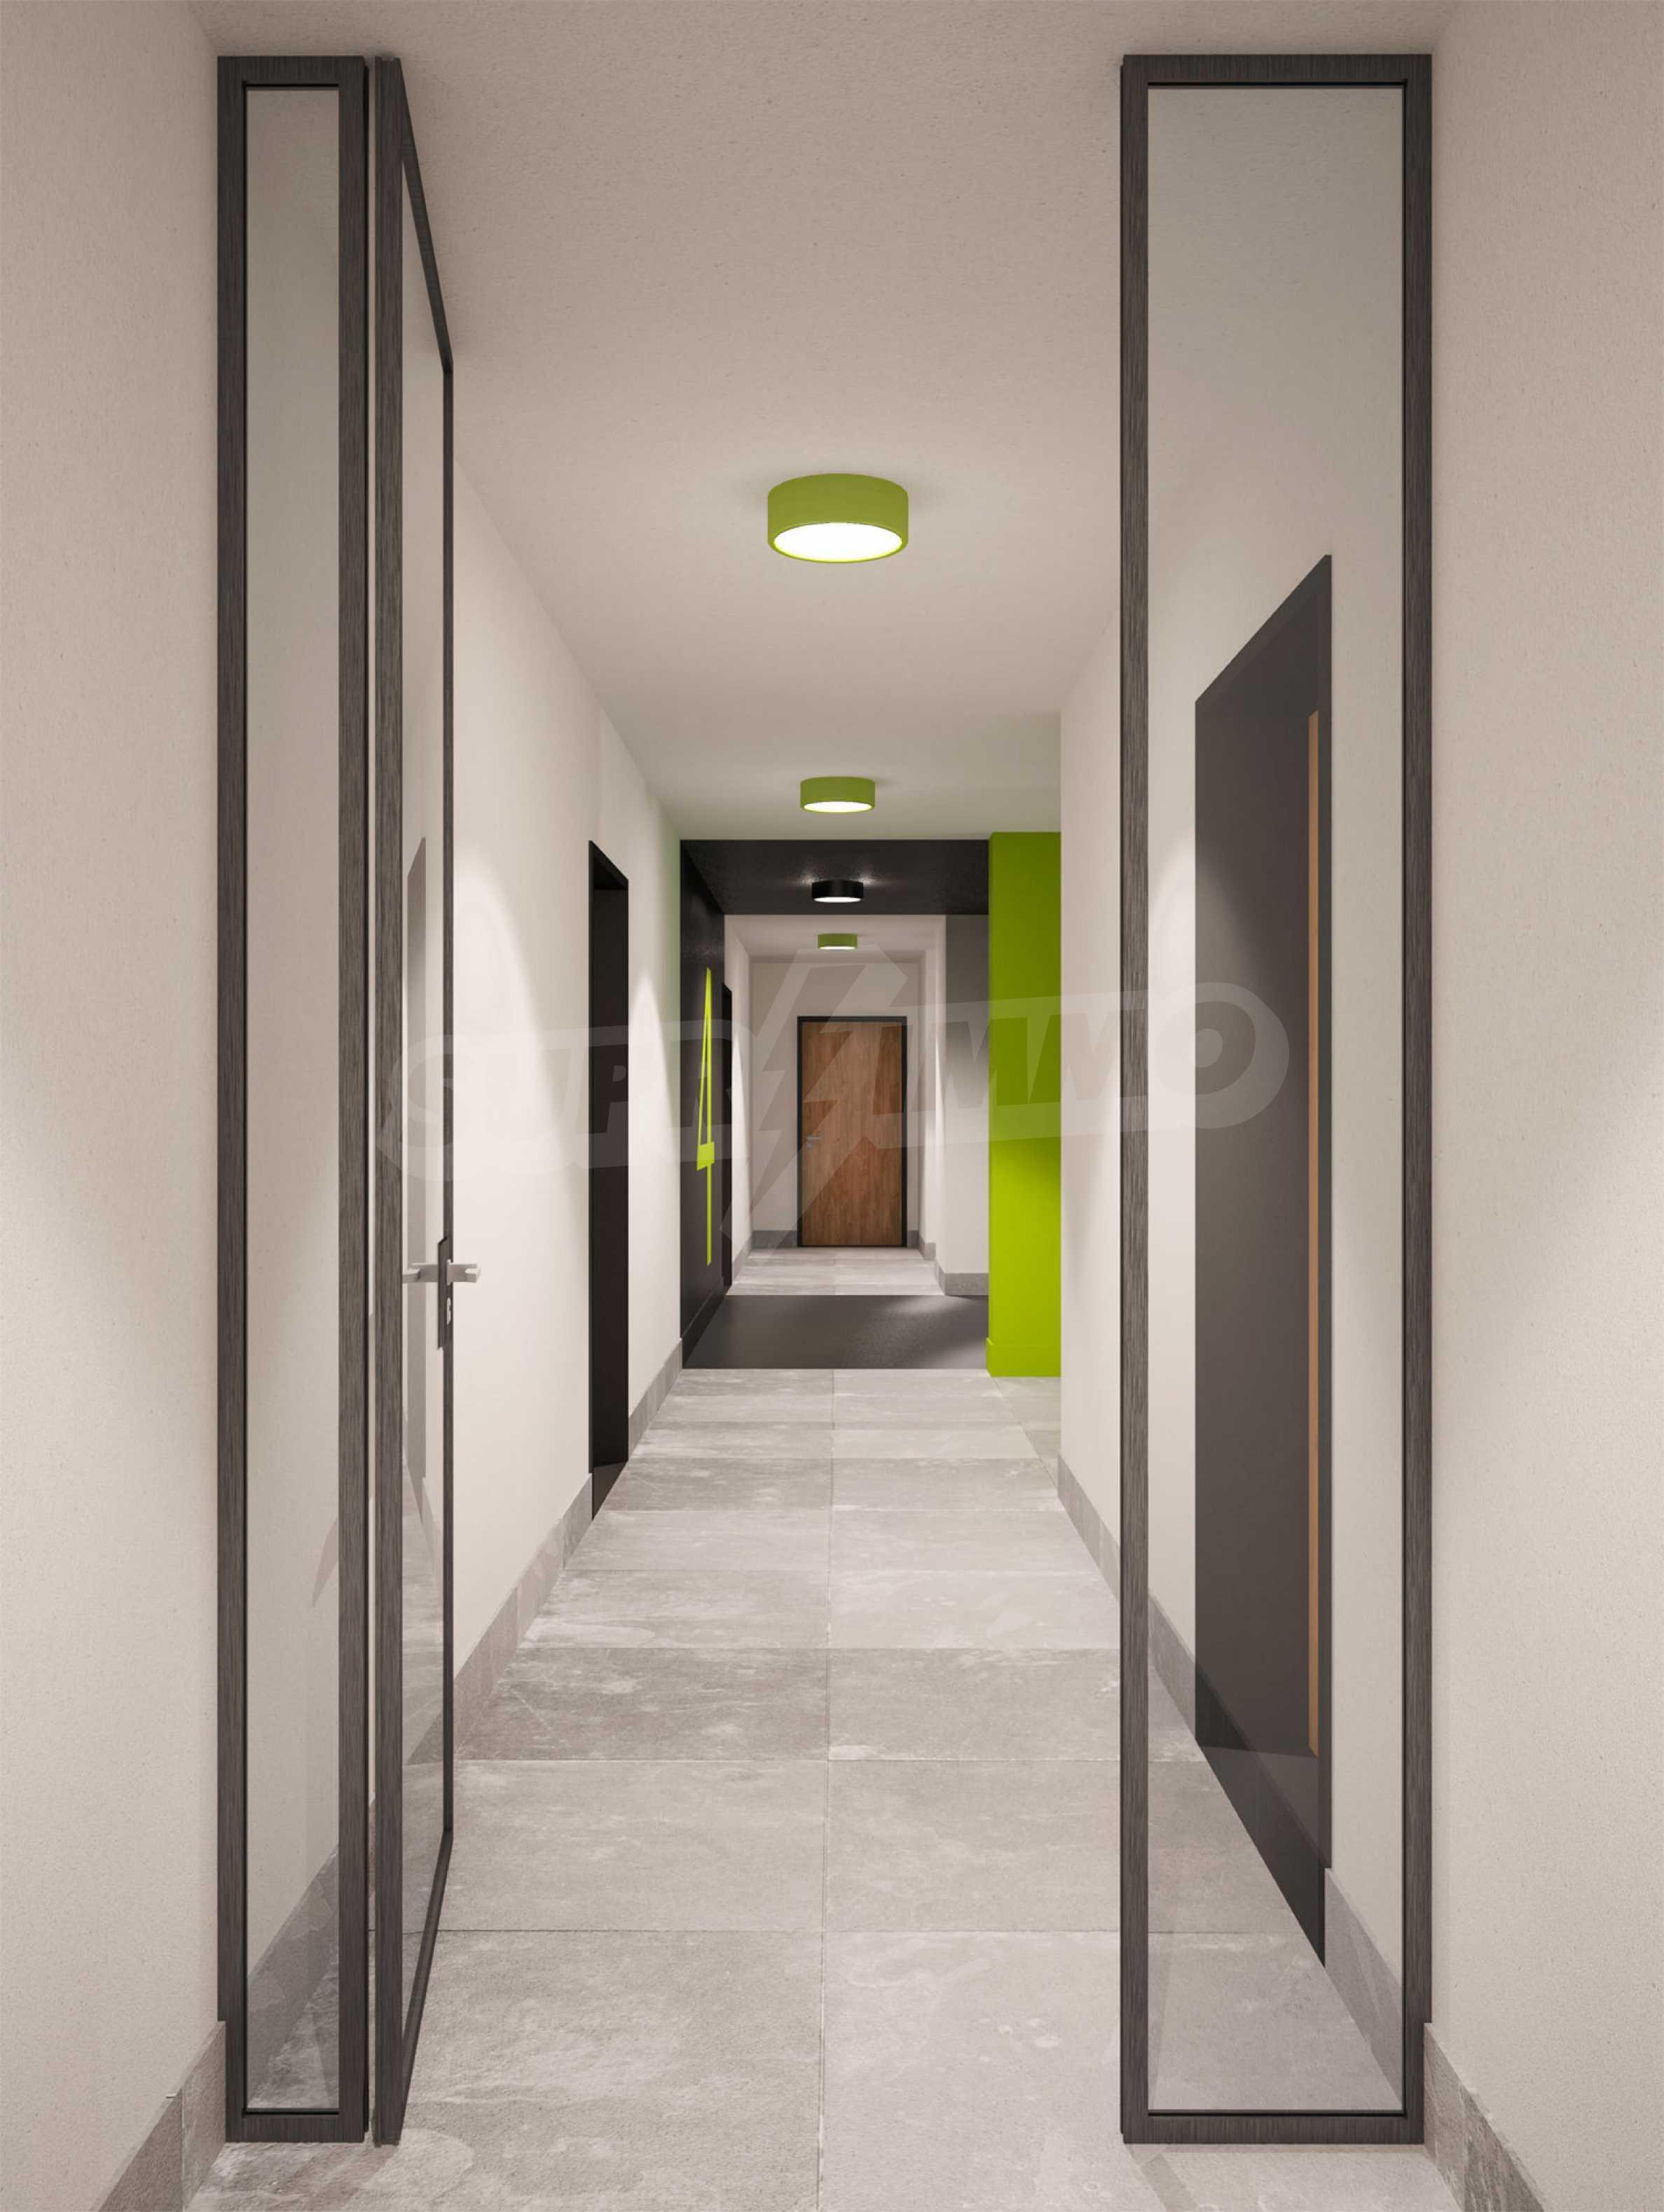 Neues Wohngebäude mit Büros und Geschäften in der Nähe von NBU zu PROMO-Preisen 3